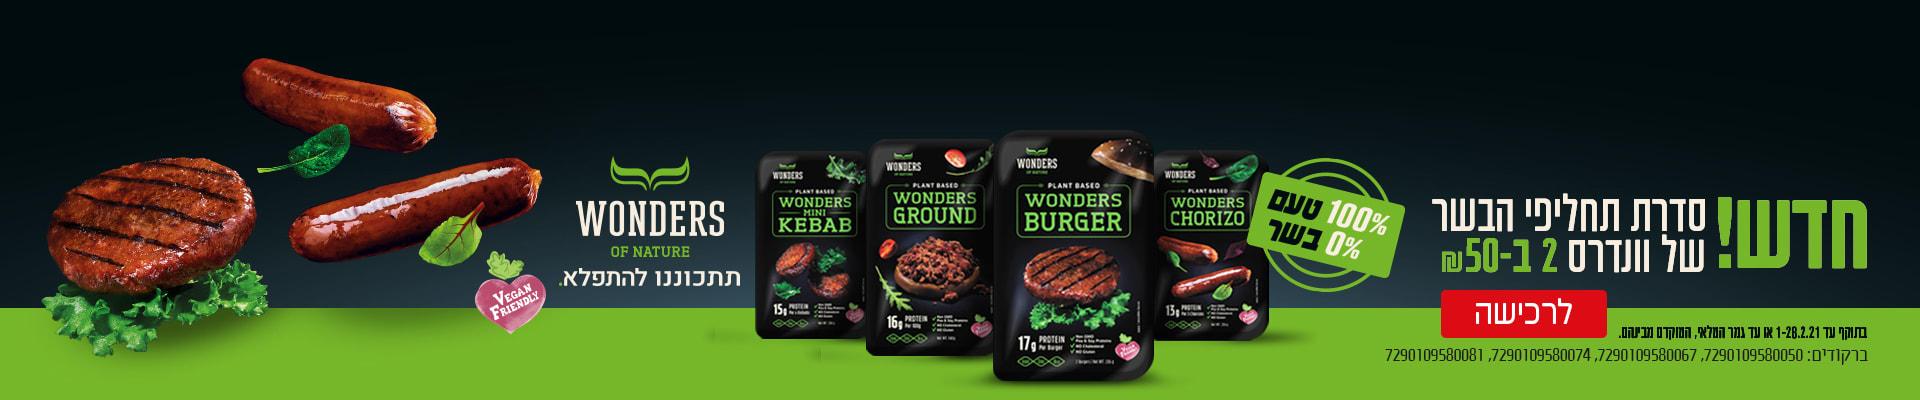 חדש! סדרת תחליפי הבשר של וונדרס 2 ב-50 ₪ 100% טעם 0% בשר WONDERS ON NATURE תתכוננו להתפלא VEGAN FRIENDLY לרכישה בתוקף עד 1-28.2.21 או עד גמר המלאי . המוקדם מבניהם